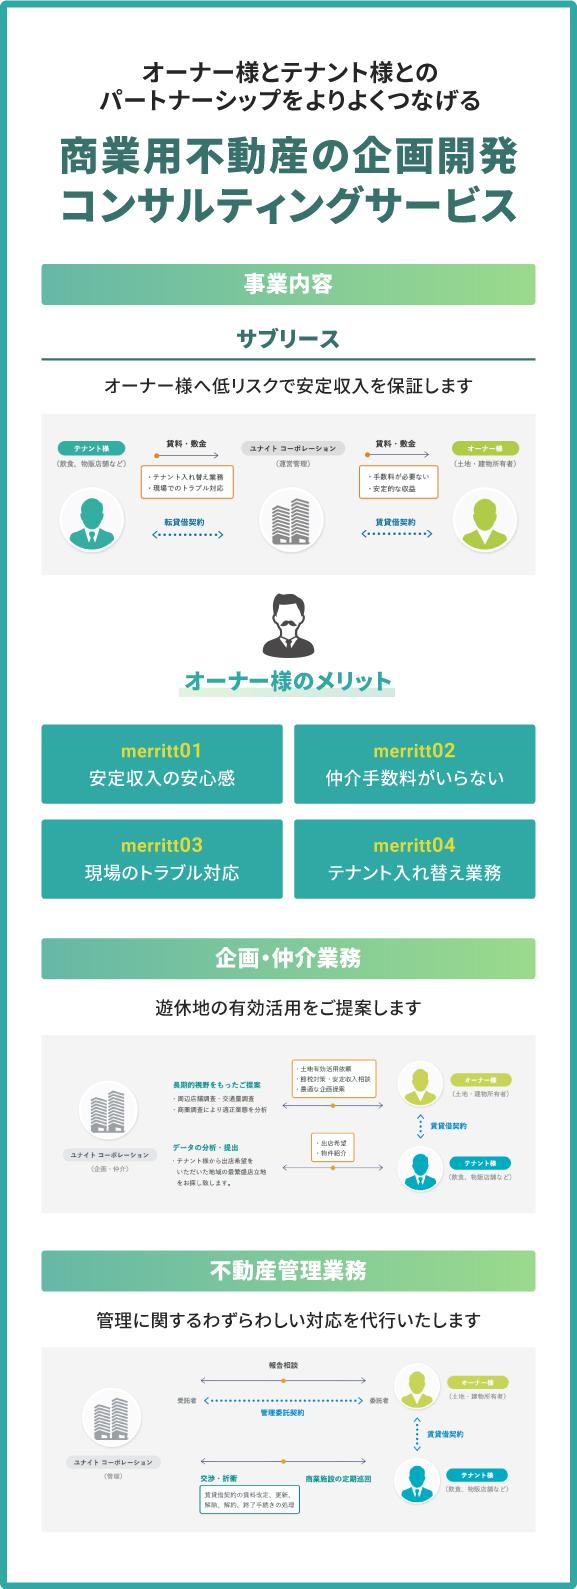 商業用不動産の企画開発コンサルティングサービス